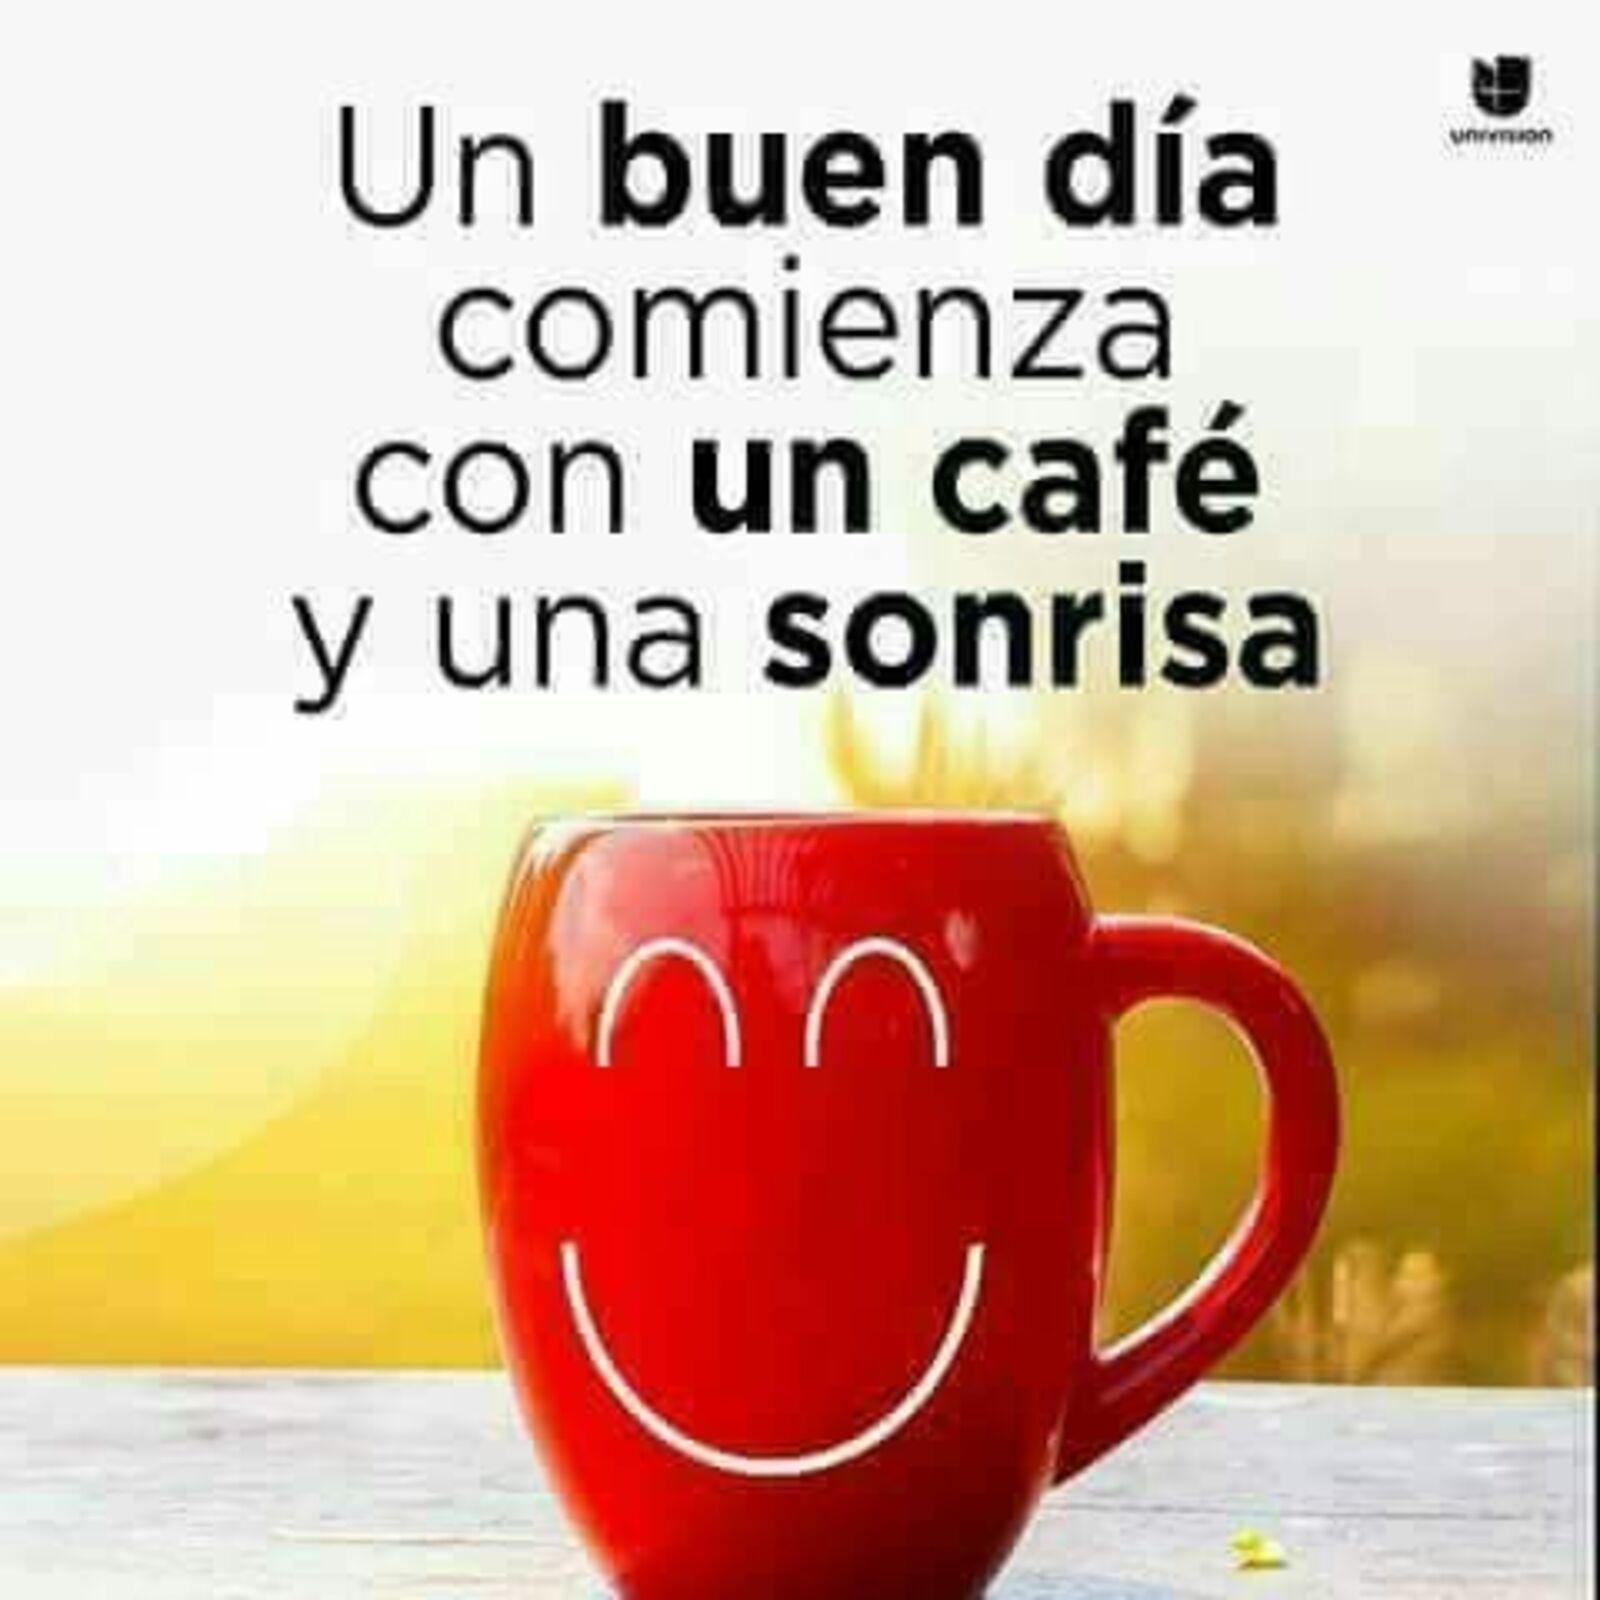 Un Buen Día comienza con un café y una sonrisa